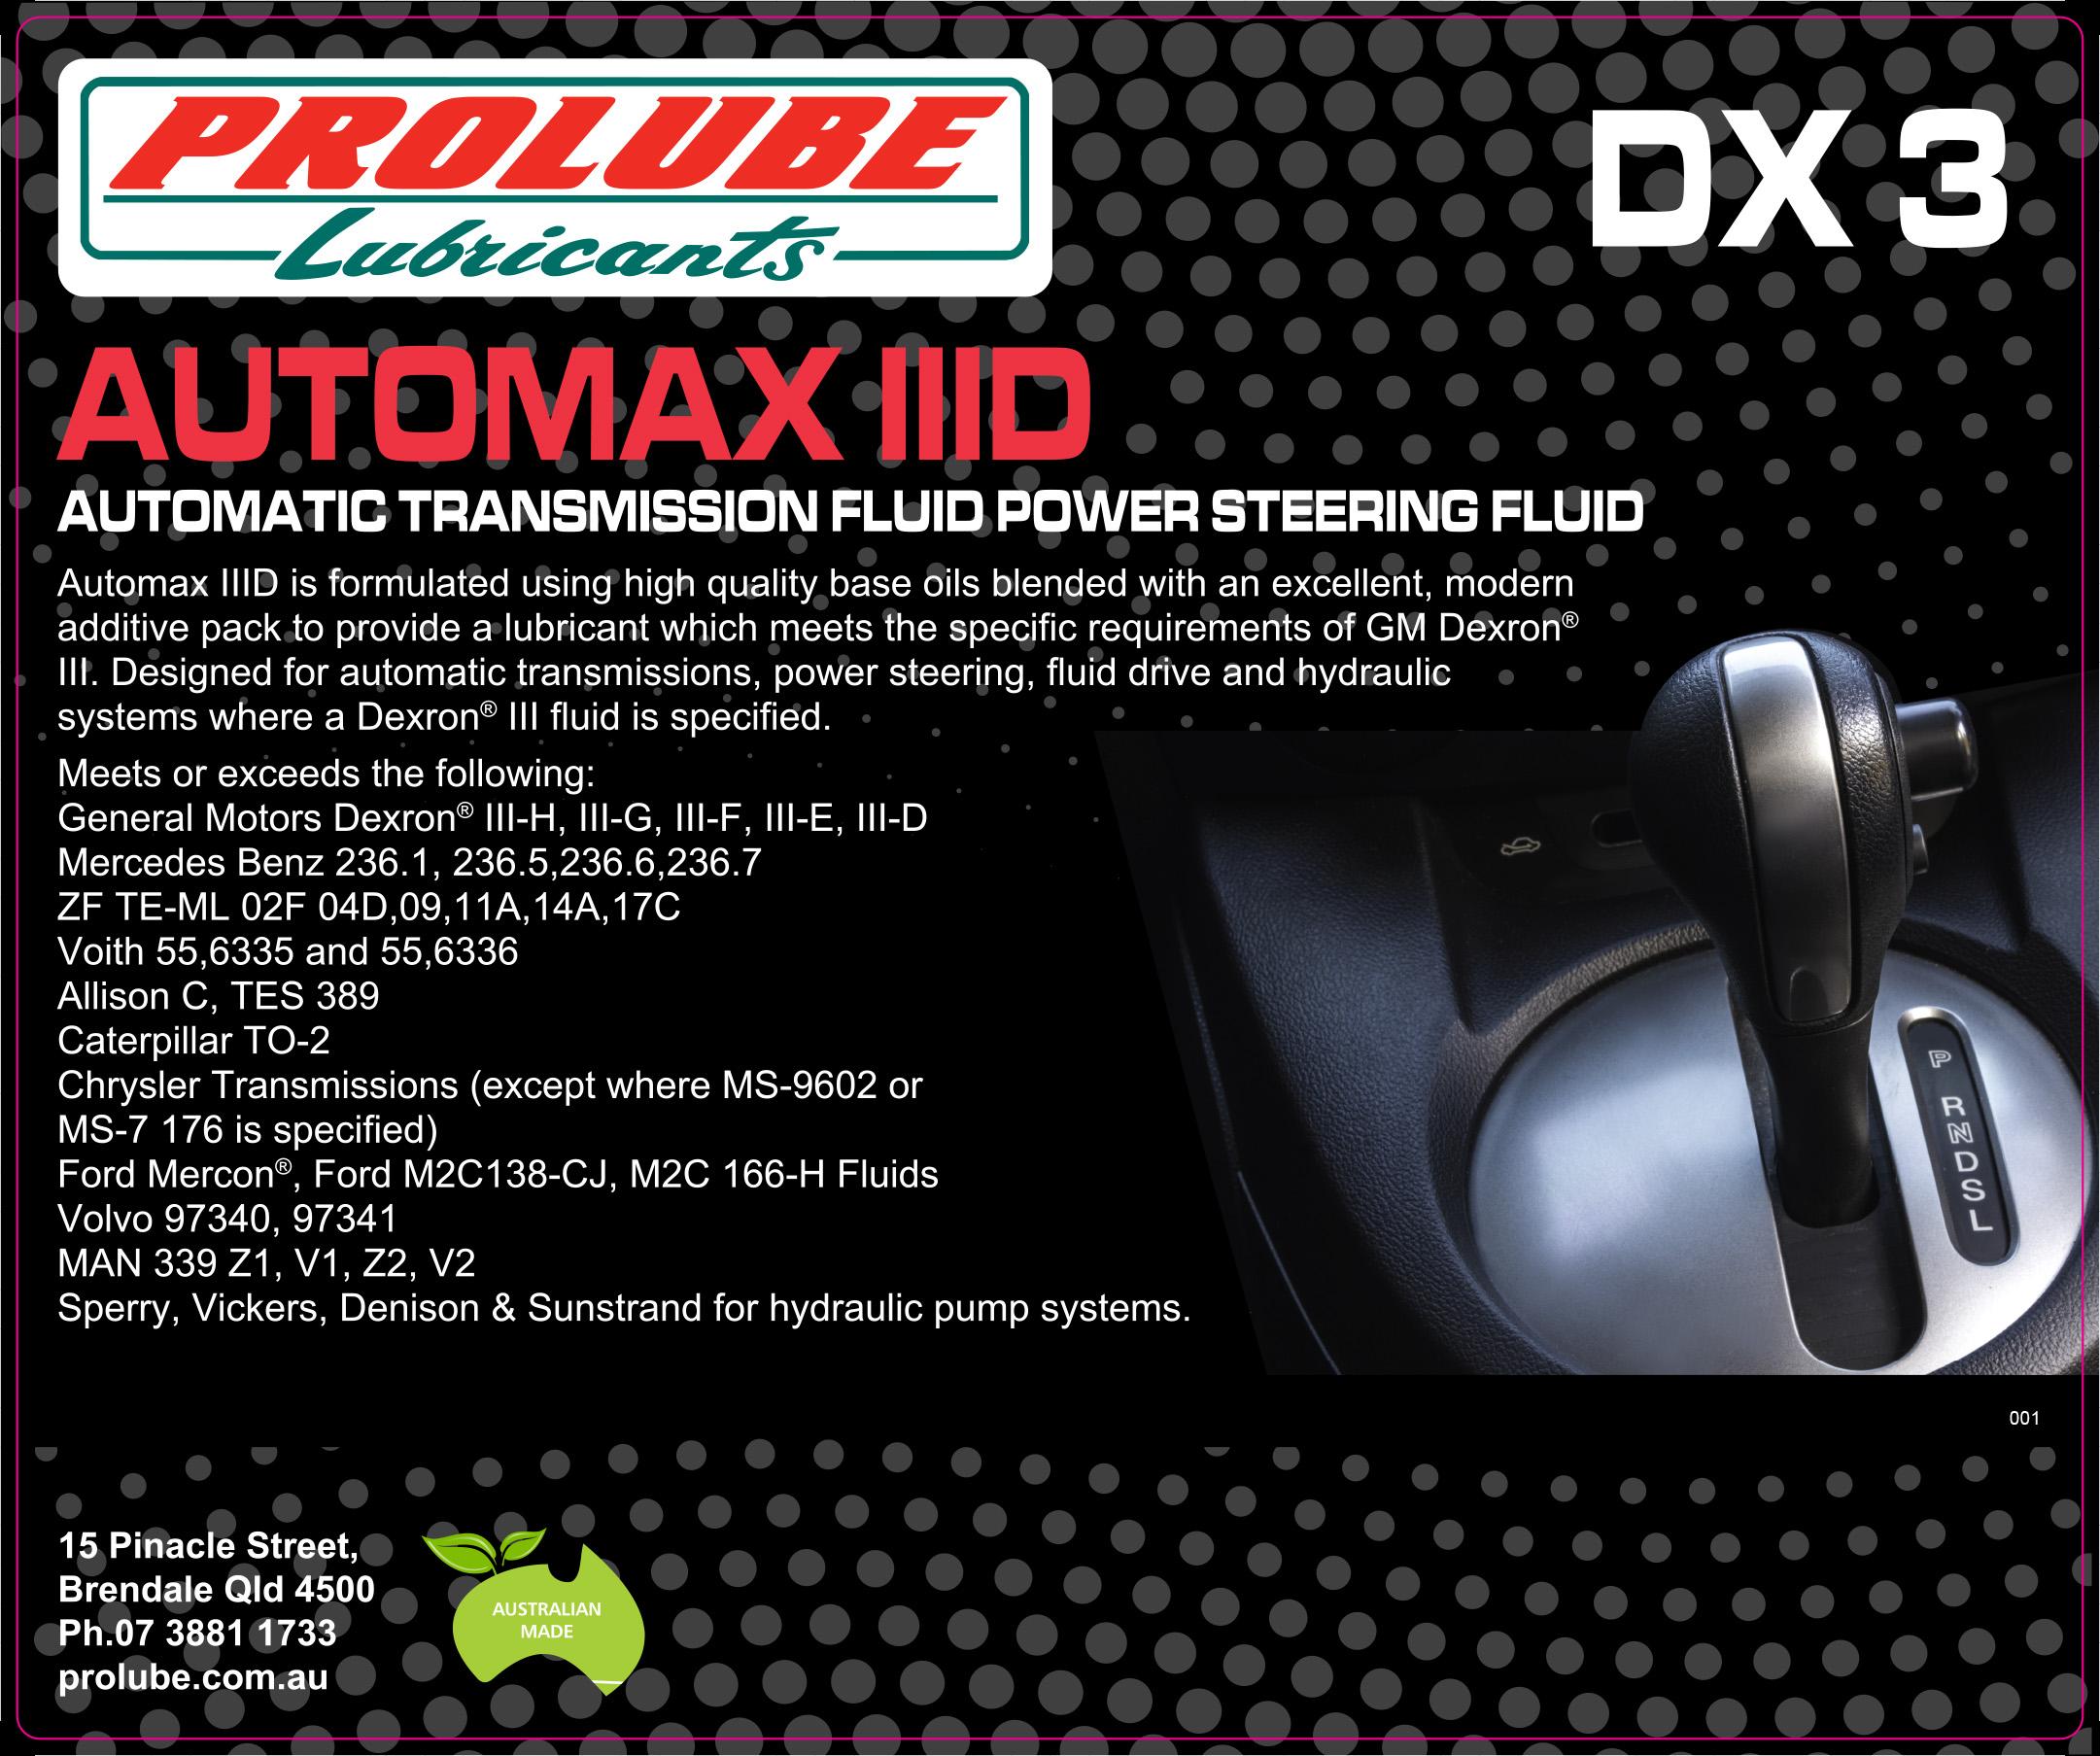 AUTOMAX IIID